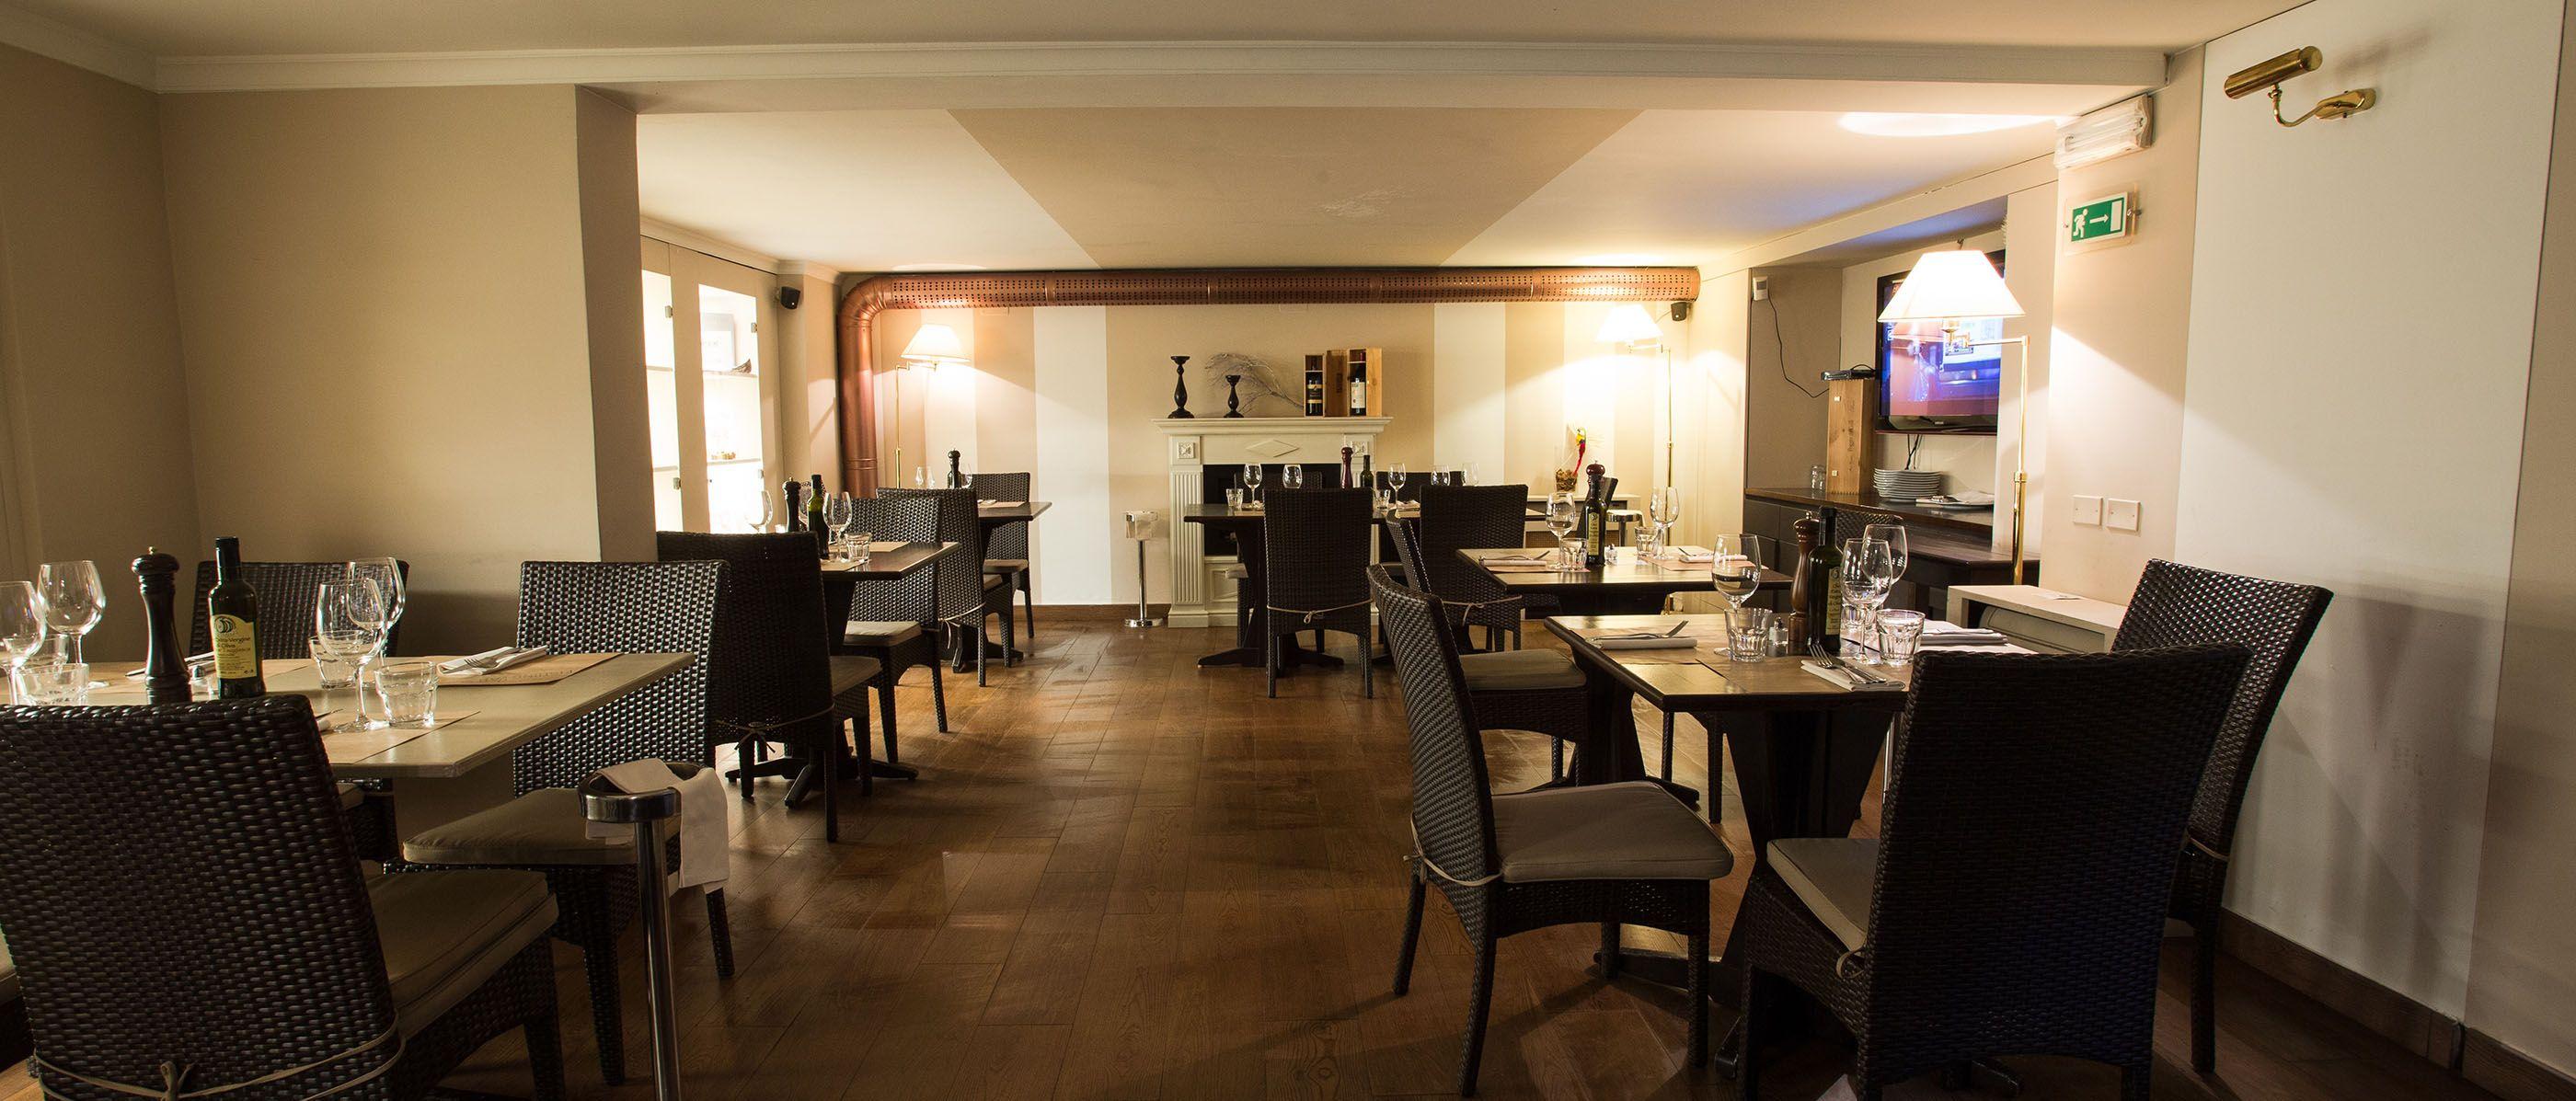 Sala al piano inferiore interni salone tavoli for Interni salone